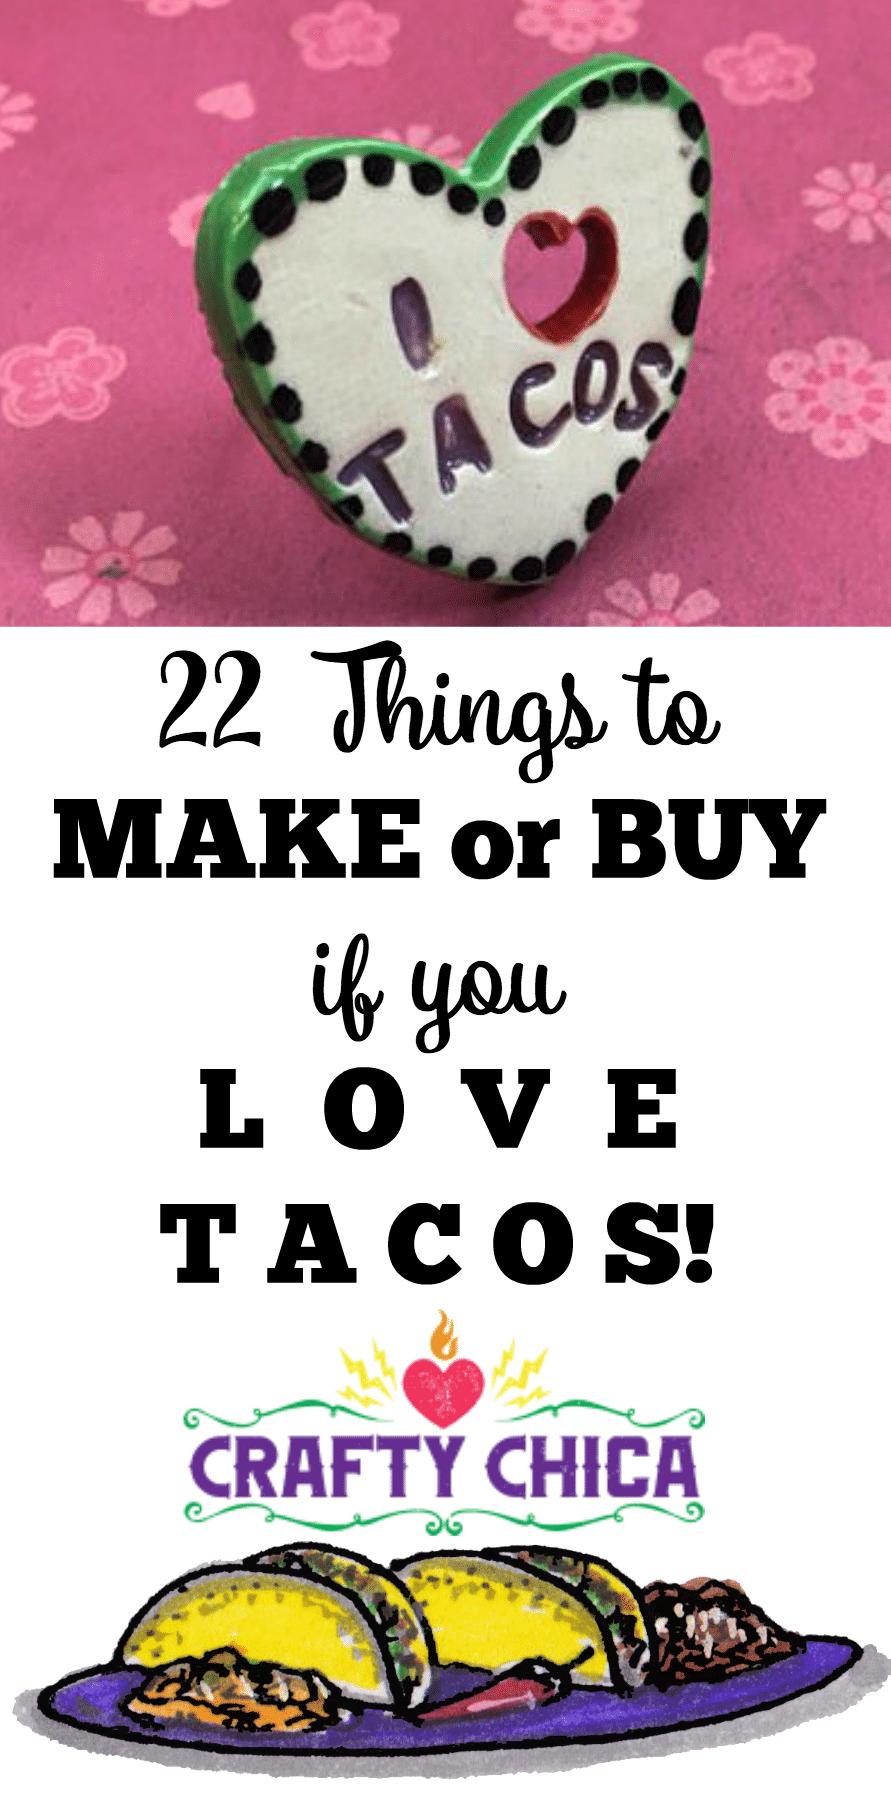 taco-crafts-diy